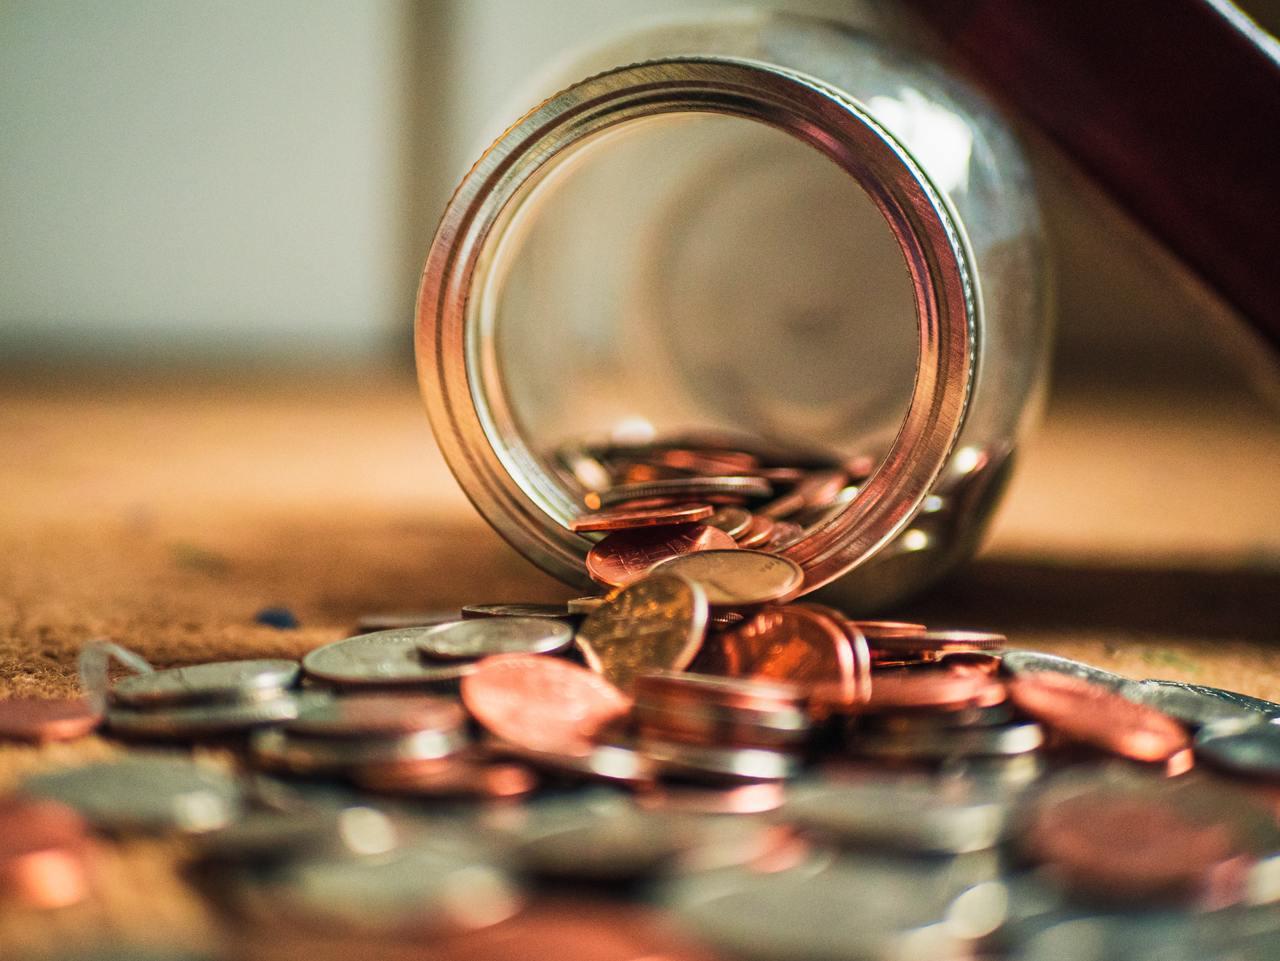 建構老後資金的財務安全,要先全面檢視自己的真實財務狀況。 圖/unsplash